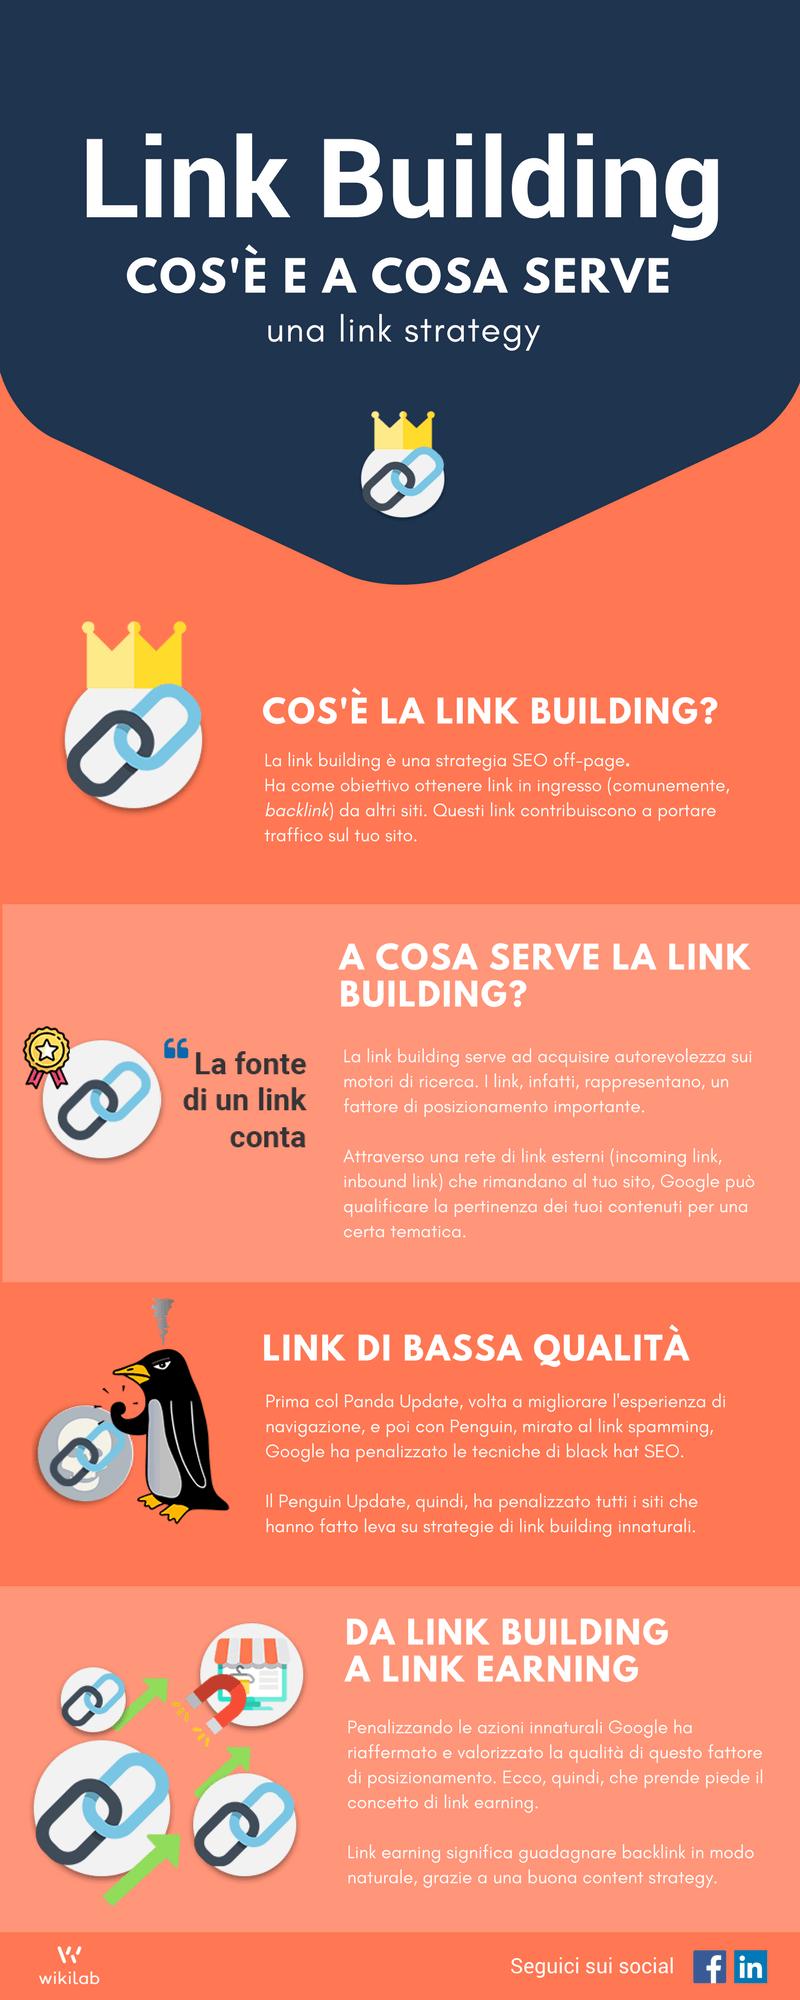 Link Building: Cos'è e a cosa serve - Infografica